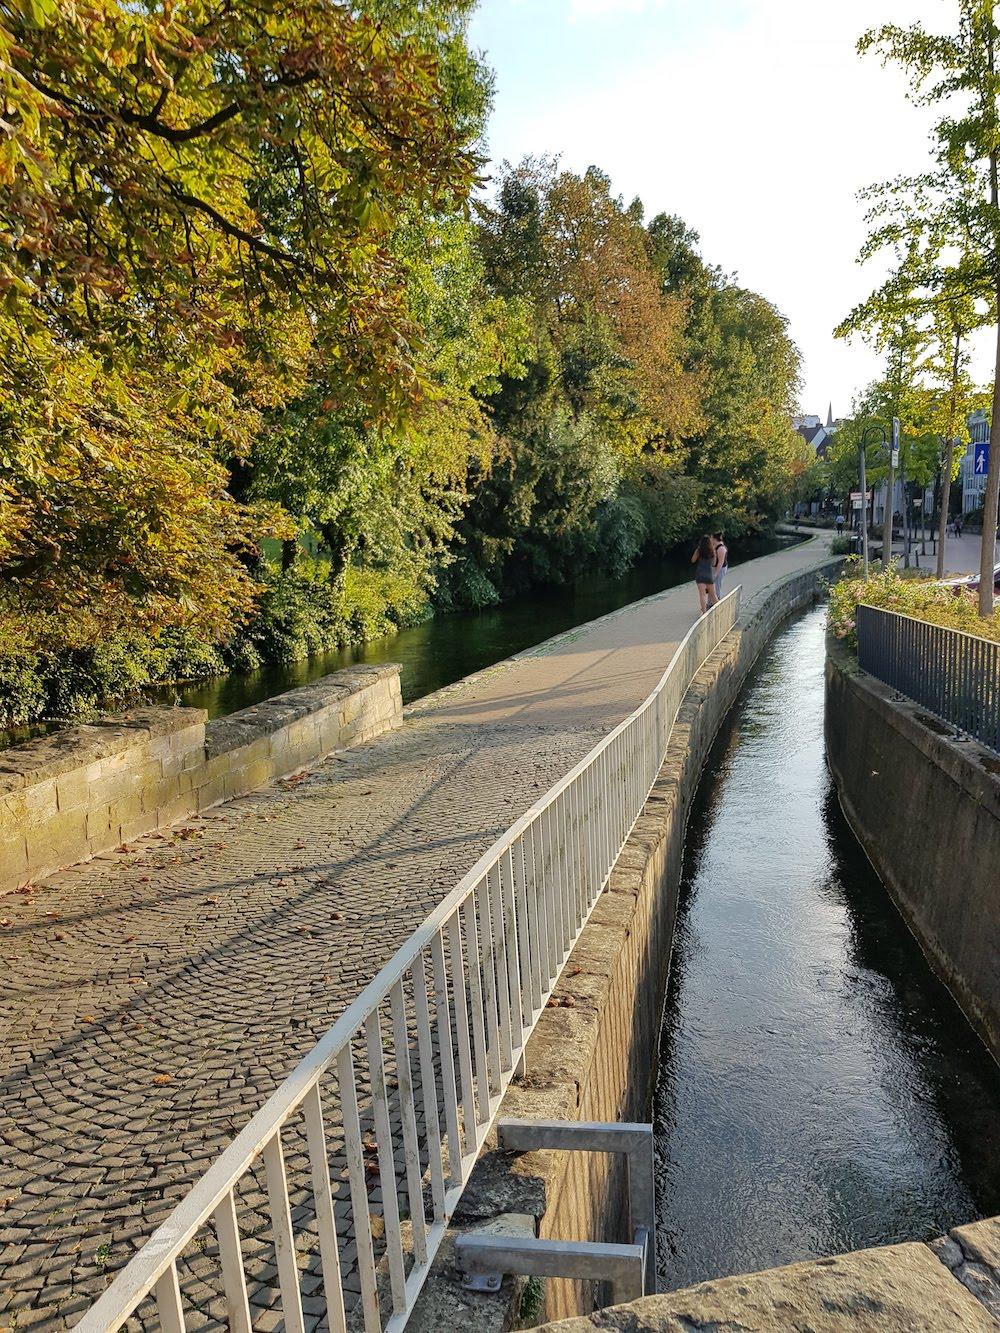 Die Paderquellen durchziehen die Innenstadt von Paderborn